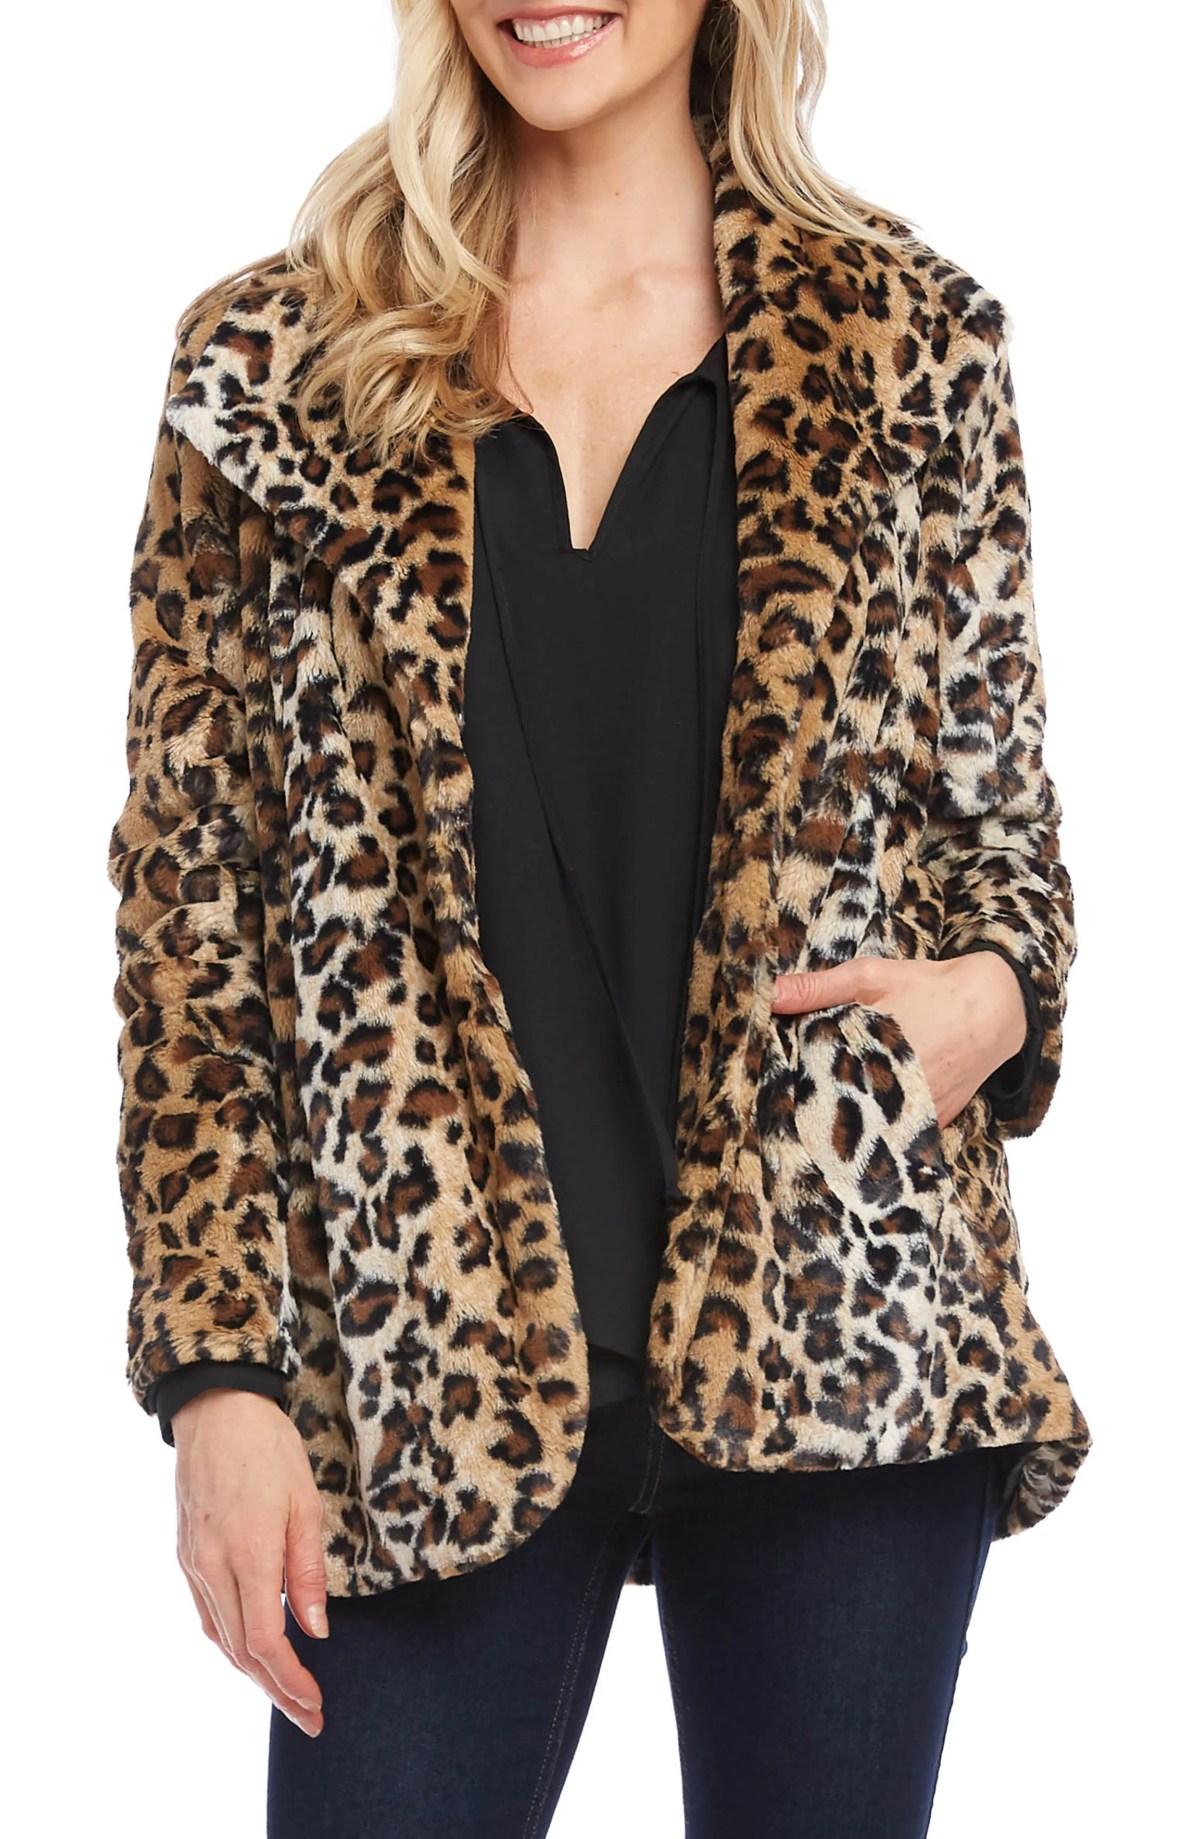 KAREN KANE Leopard Print Faux Fur Coat, Main, color, LEOPARD